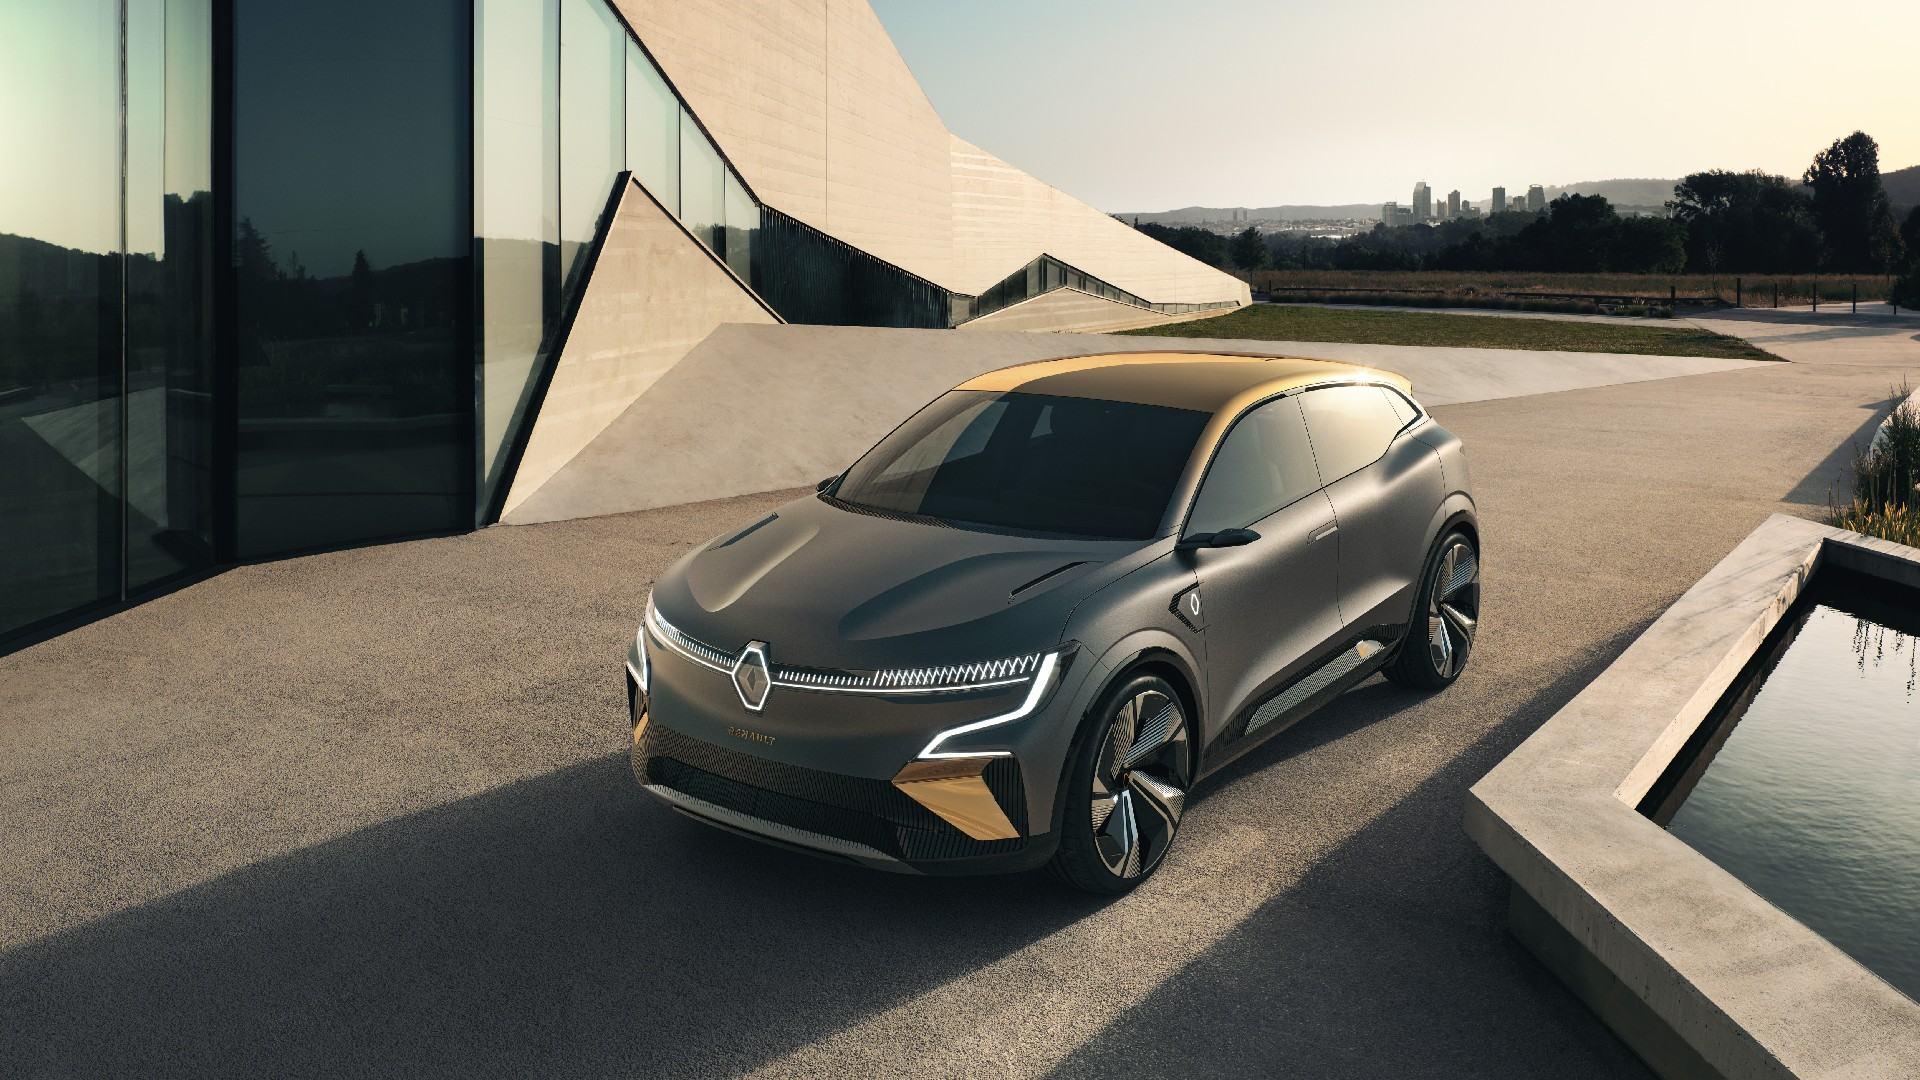 El Renault Mégane eVision adelanta la próxima generación del compacto francés